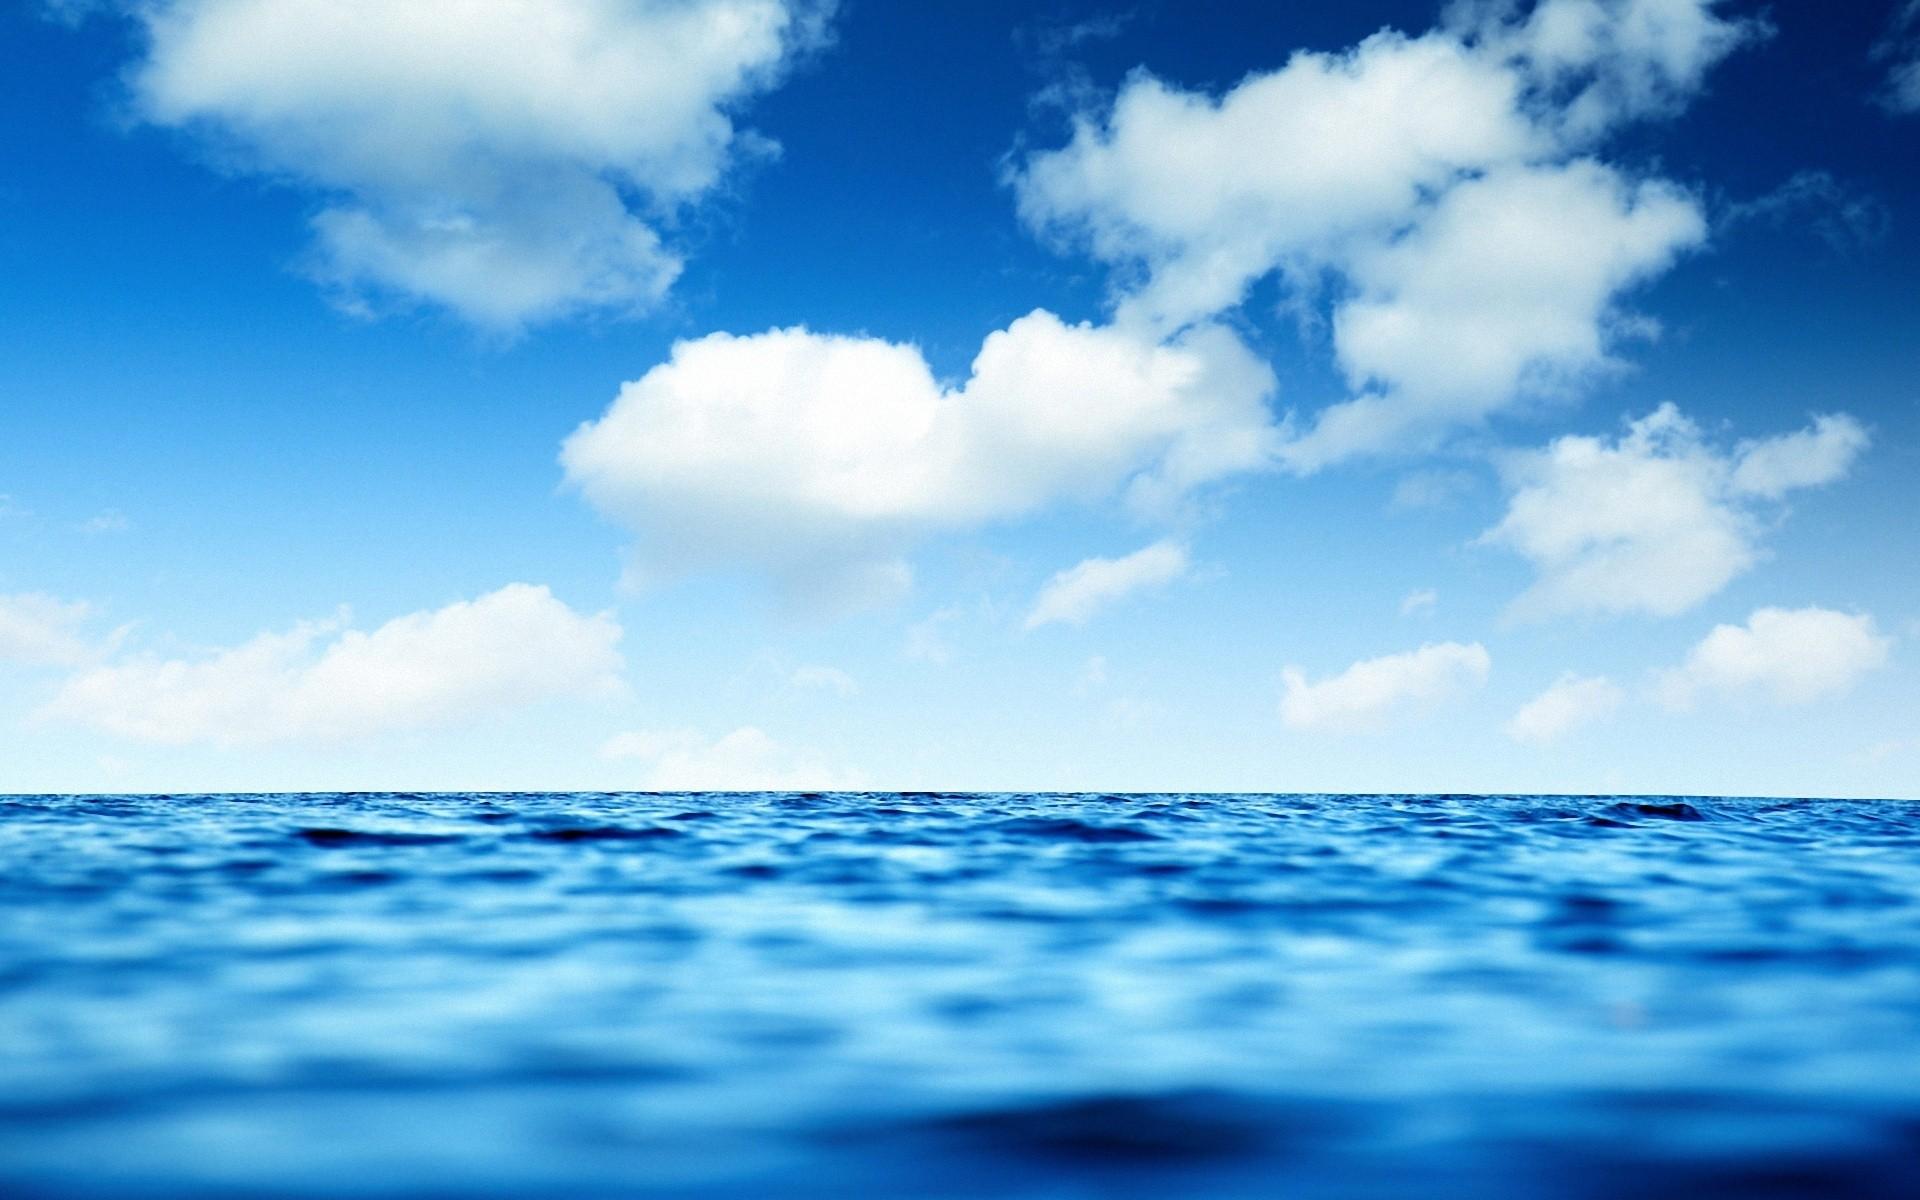 природа море солнце горизонт небо облака  № 717687 бесплатно